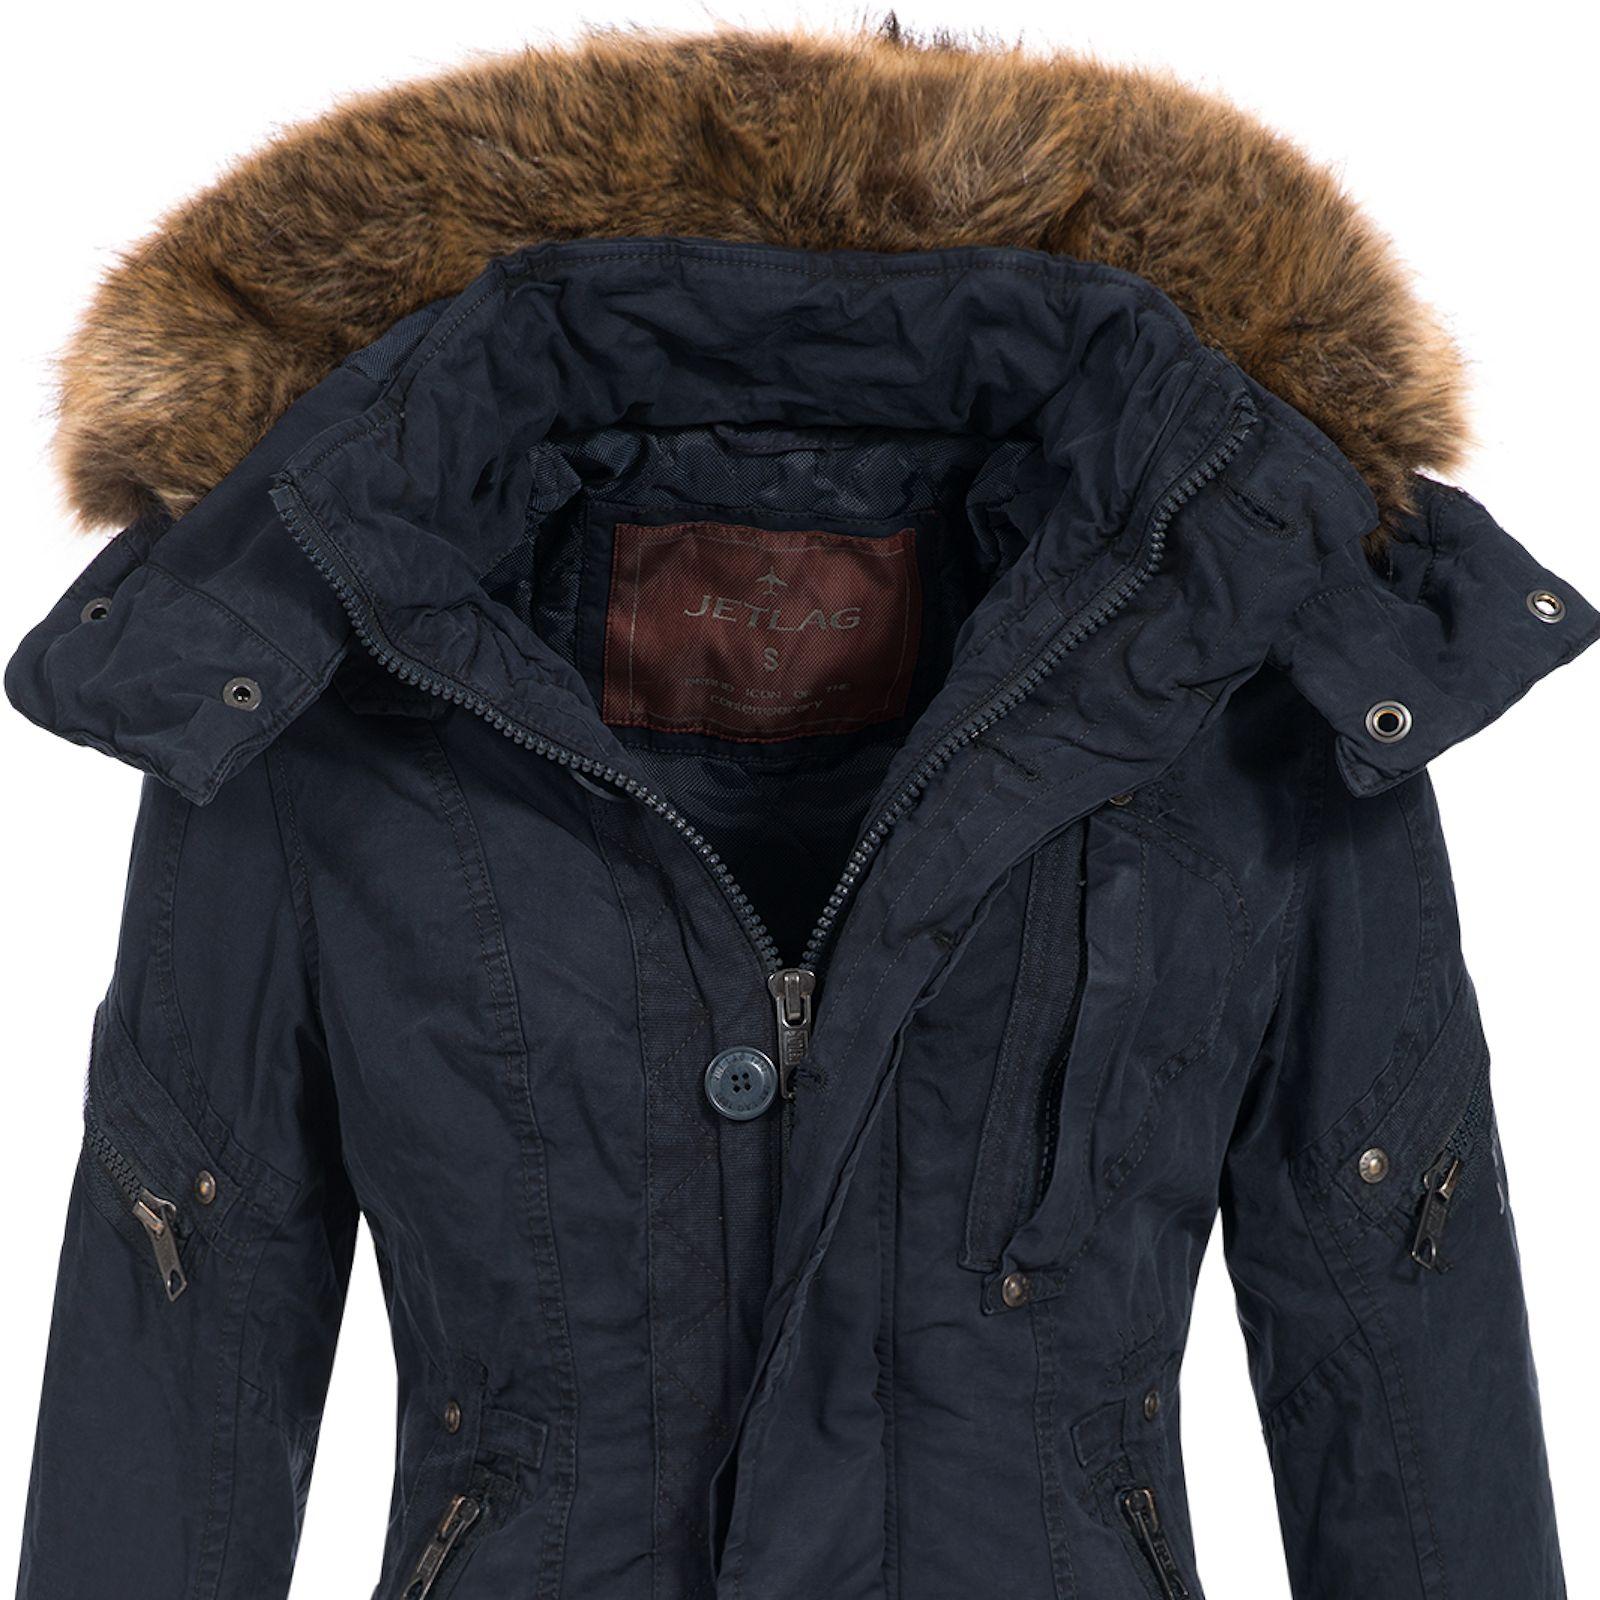 Jet Lag Damen Winterjacke Parka Mantel Damenjacke Jacke ...